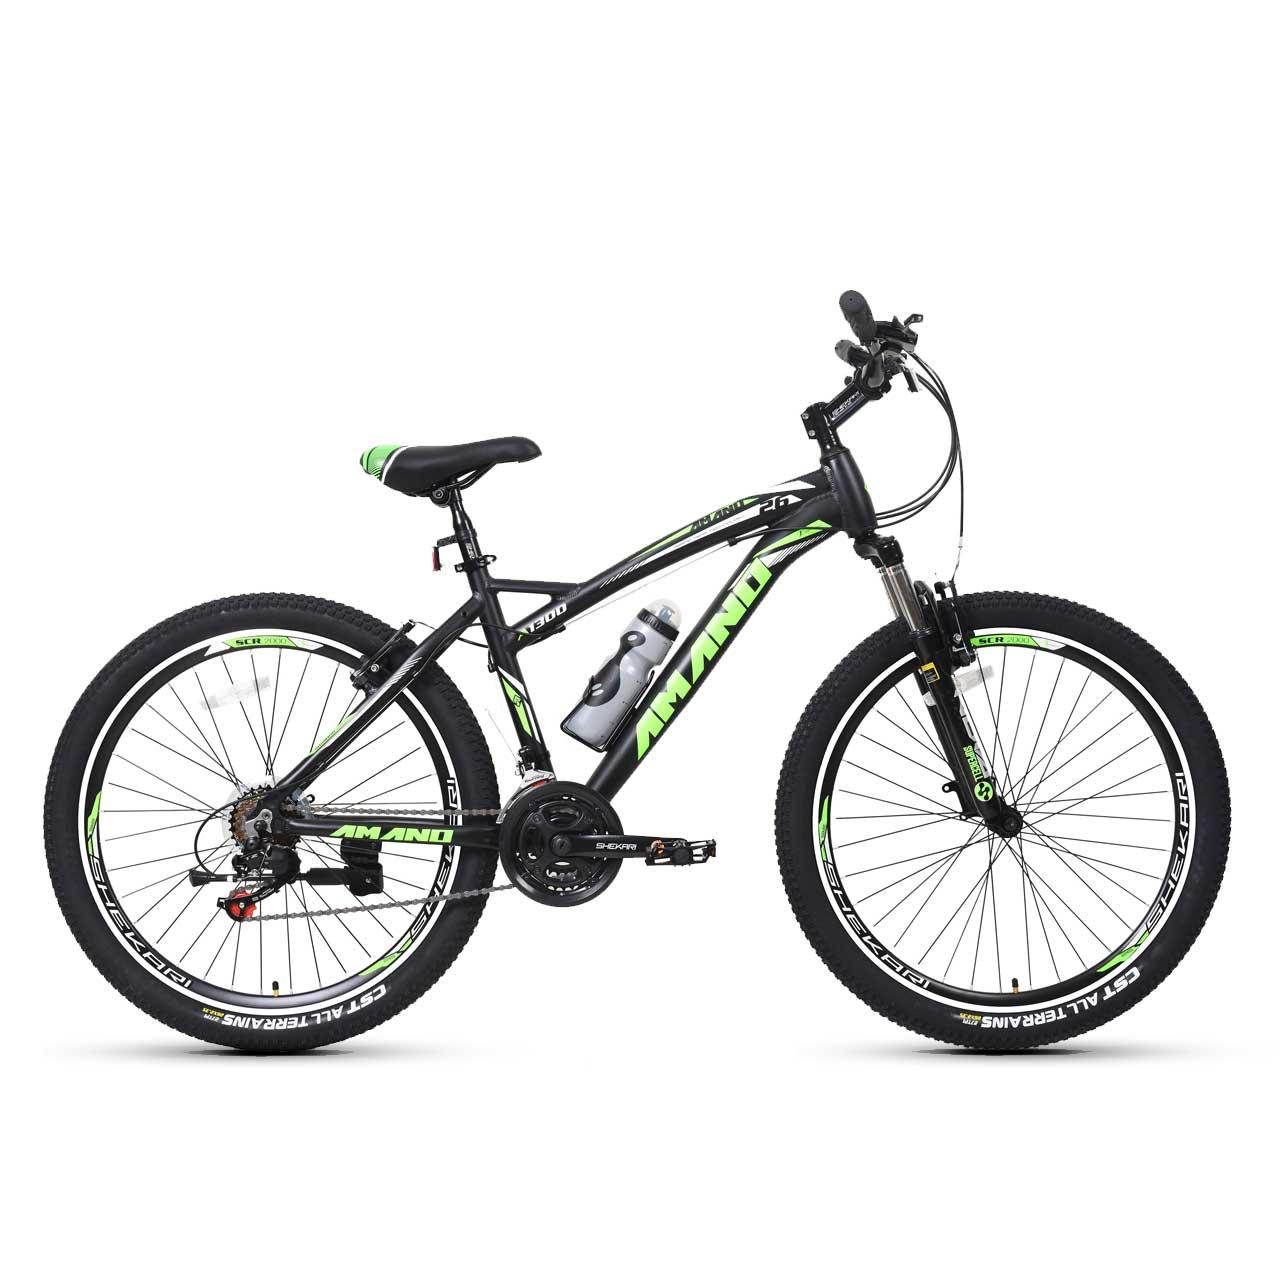 دوچرخه کوهستان آمانو مدل A1300 سایز ۲۶